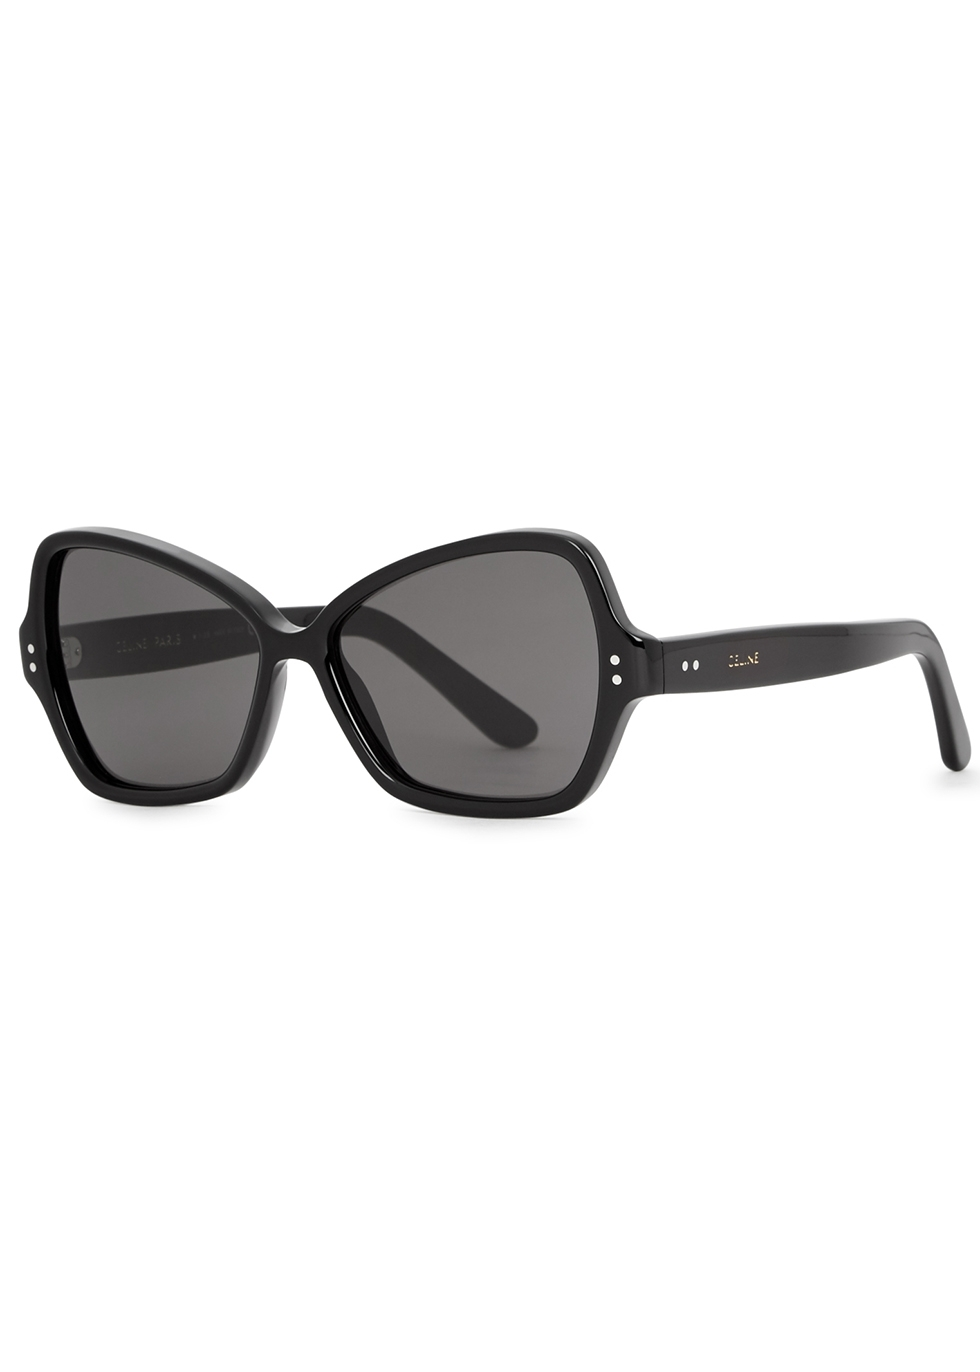 7f998164da Celine Sunglasses